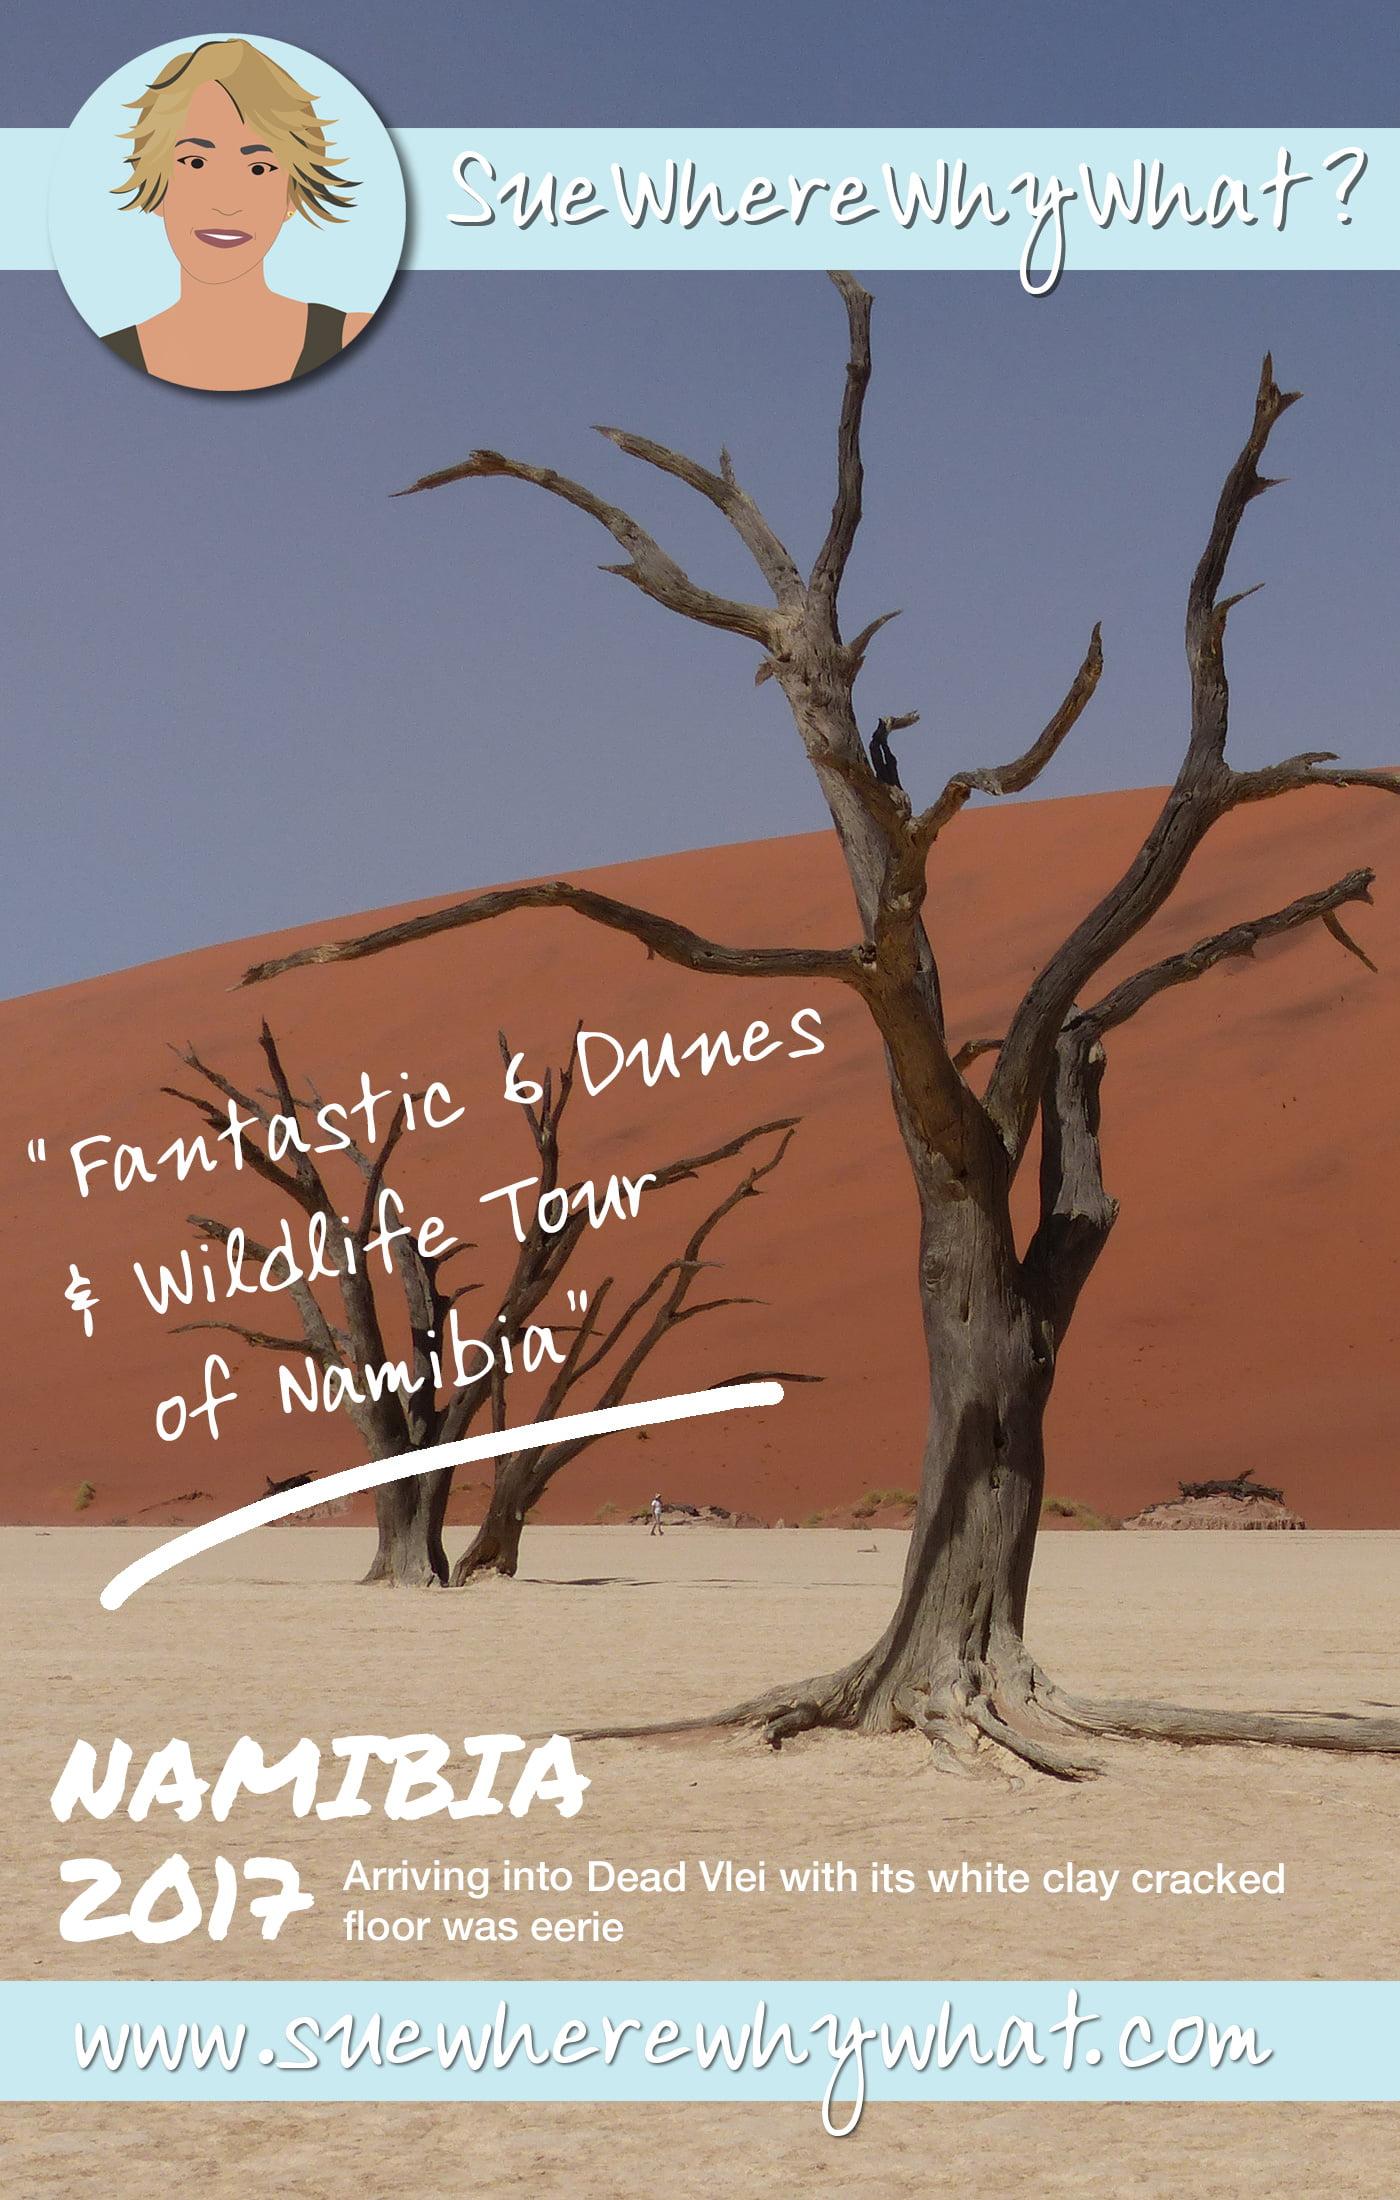 Fantastic 6 Day Dunes & Wildlife Tour of Namibia